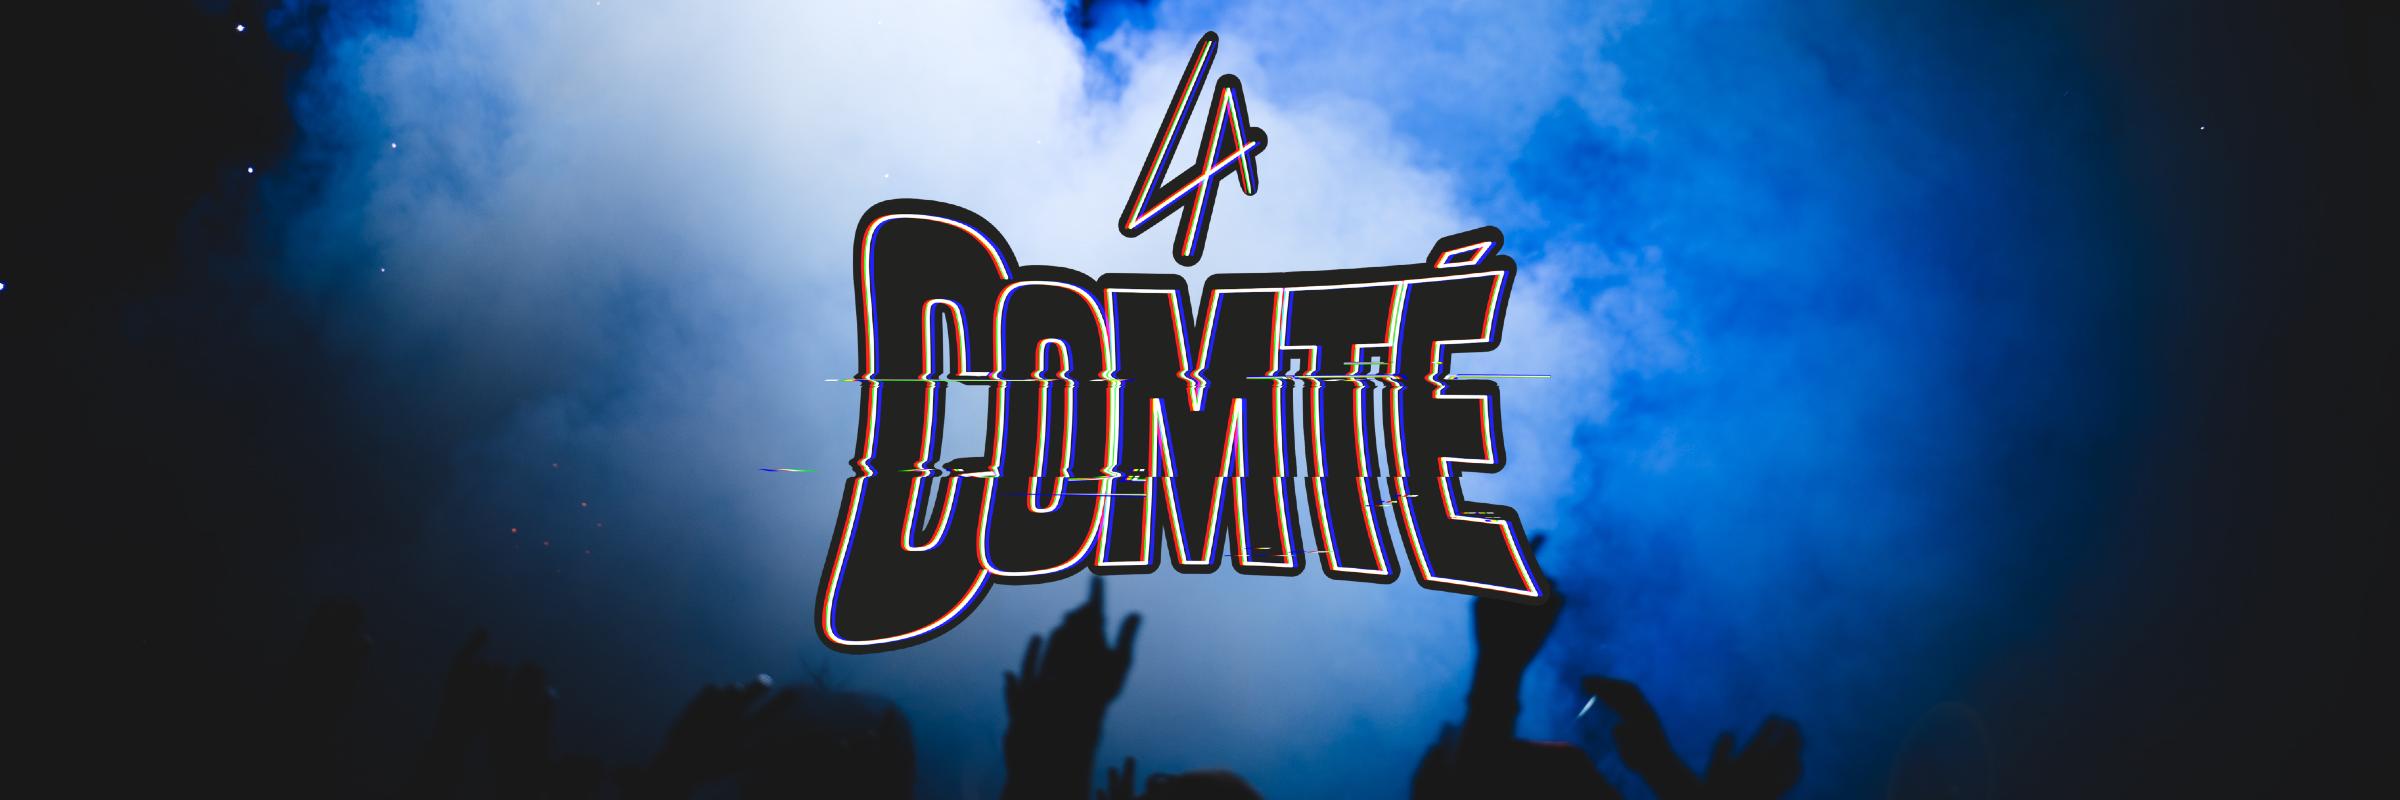 La Comté, groupe de musique Chanteur en représentation à Loire Atlantique - photo de couverture